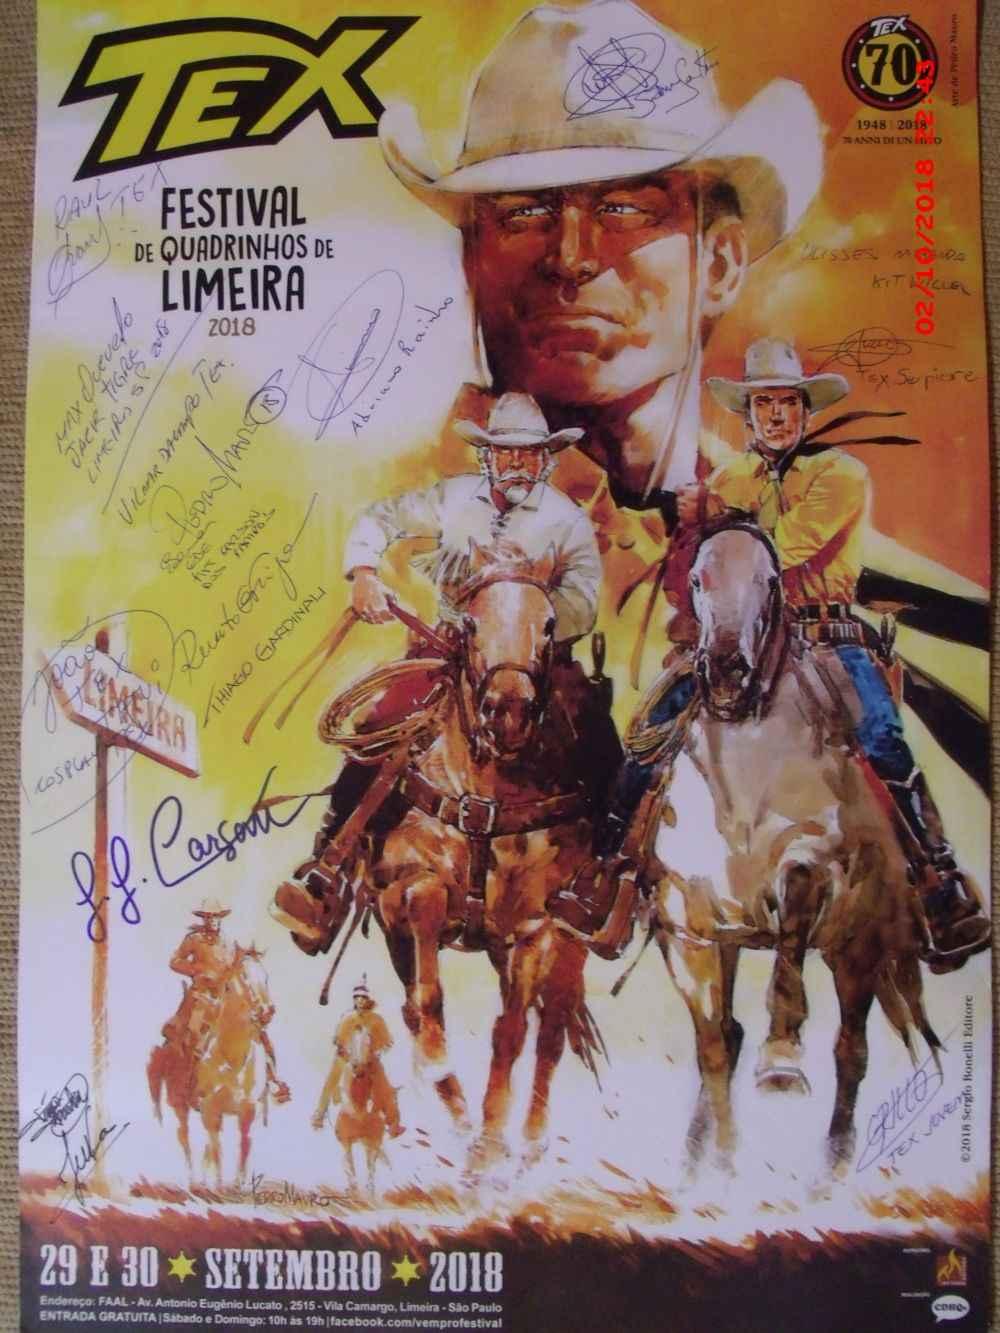 Cartaz oficial do evento autografado pelo autor do belo desenho - Pedro Mauro, pelos cosplayers presentes ao evento, pelos organizadores (evento, exposição e palestras) e pelos autores texianos que lançaram livros no evento